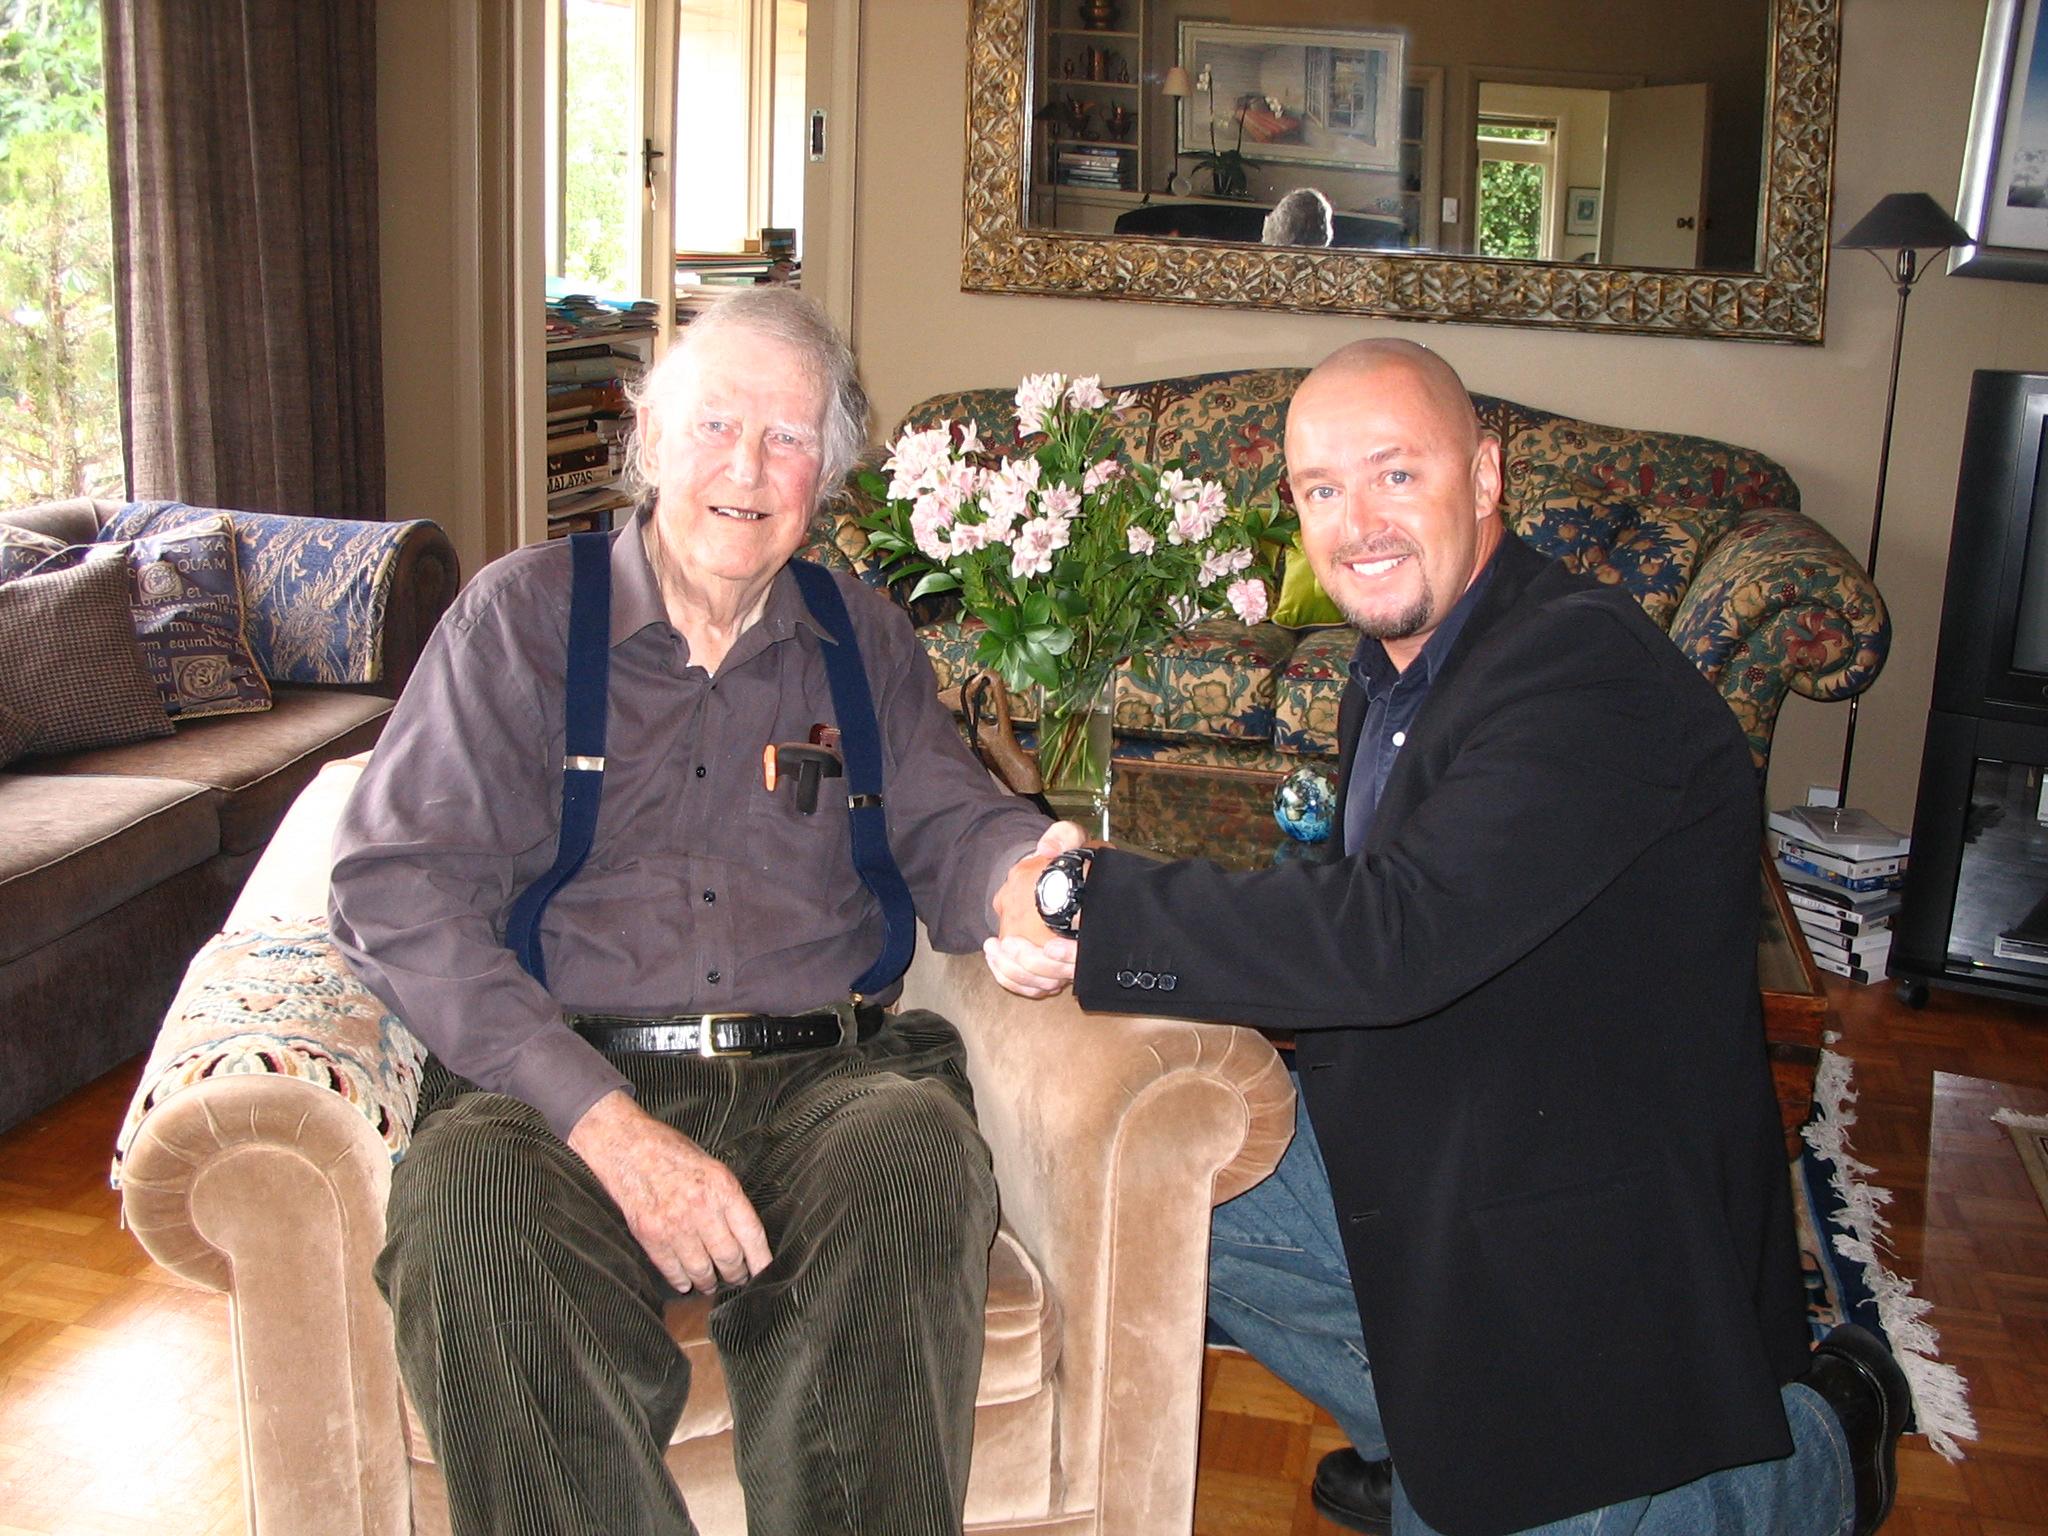 Paul Hockey with Sir Edmond Hillary